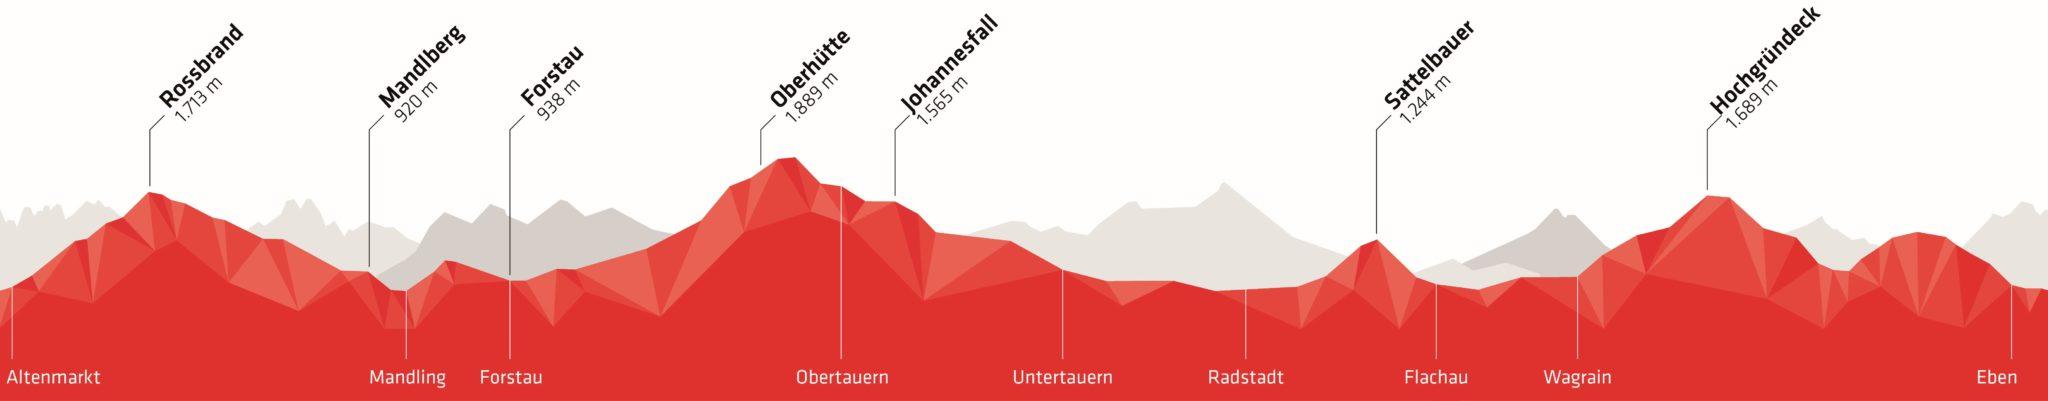 Höhenprofil mit Orten des Stoneman Taurista MTB Trails von Roland Stauder in der Salzburger Sportwelt